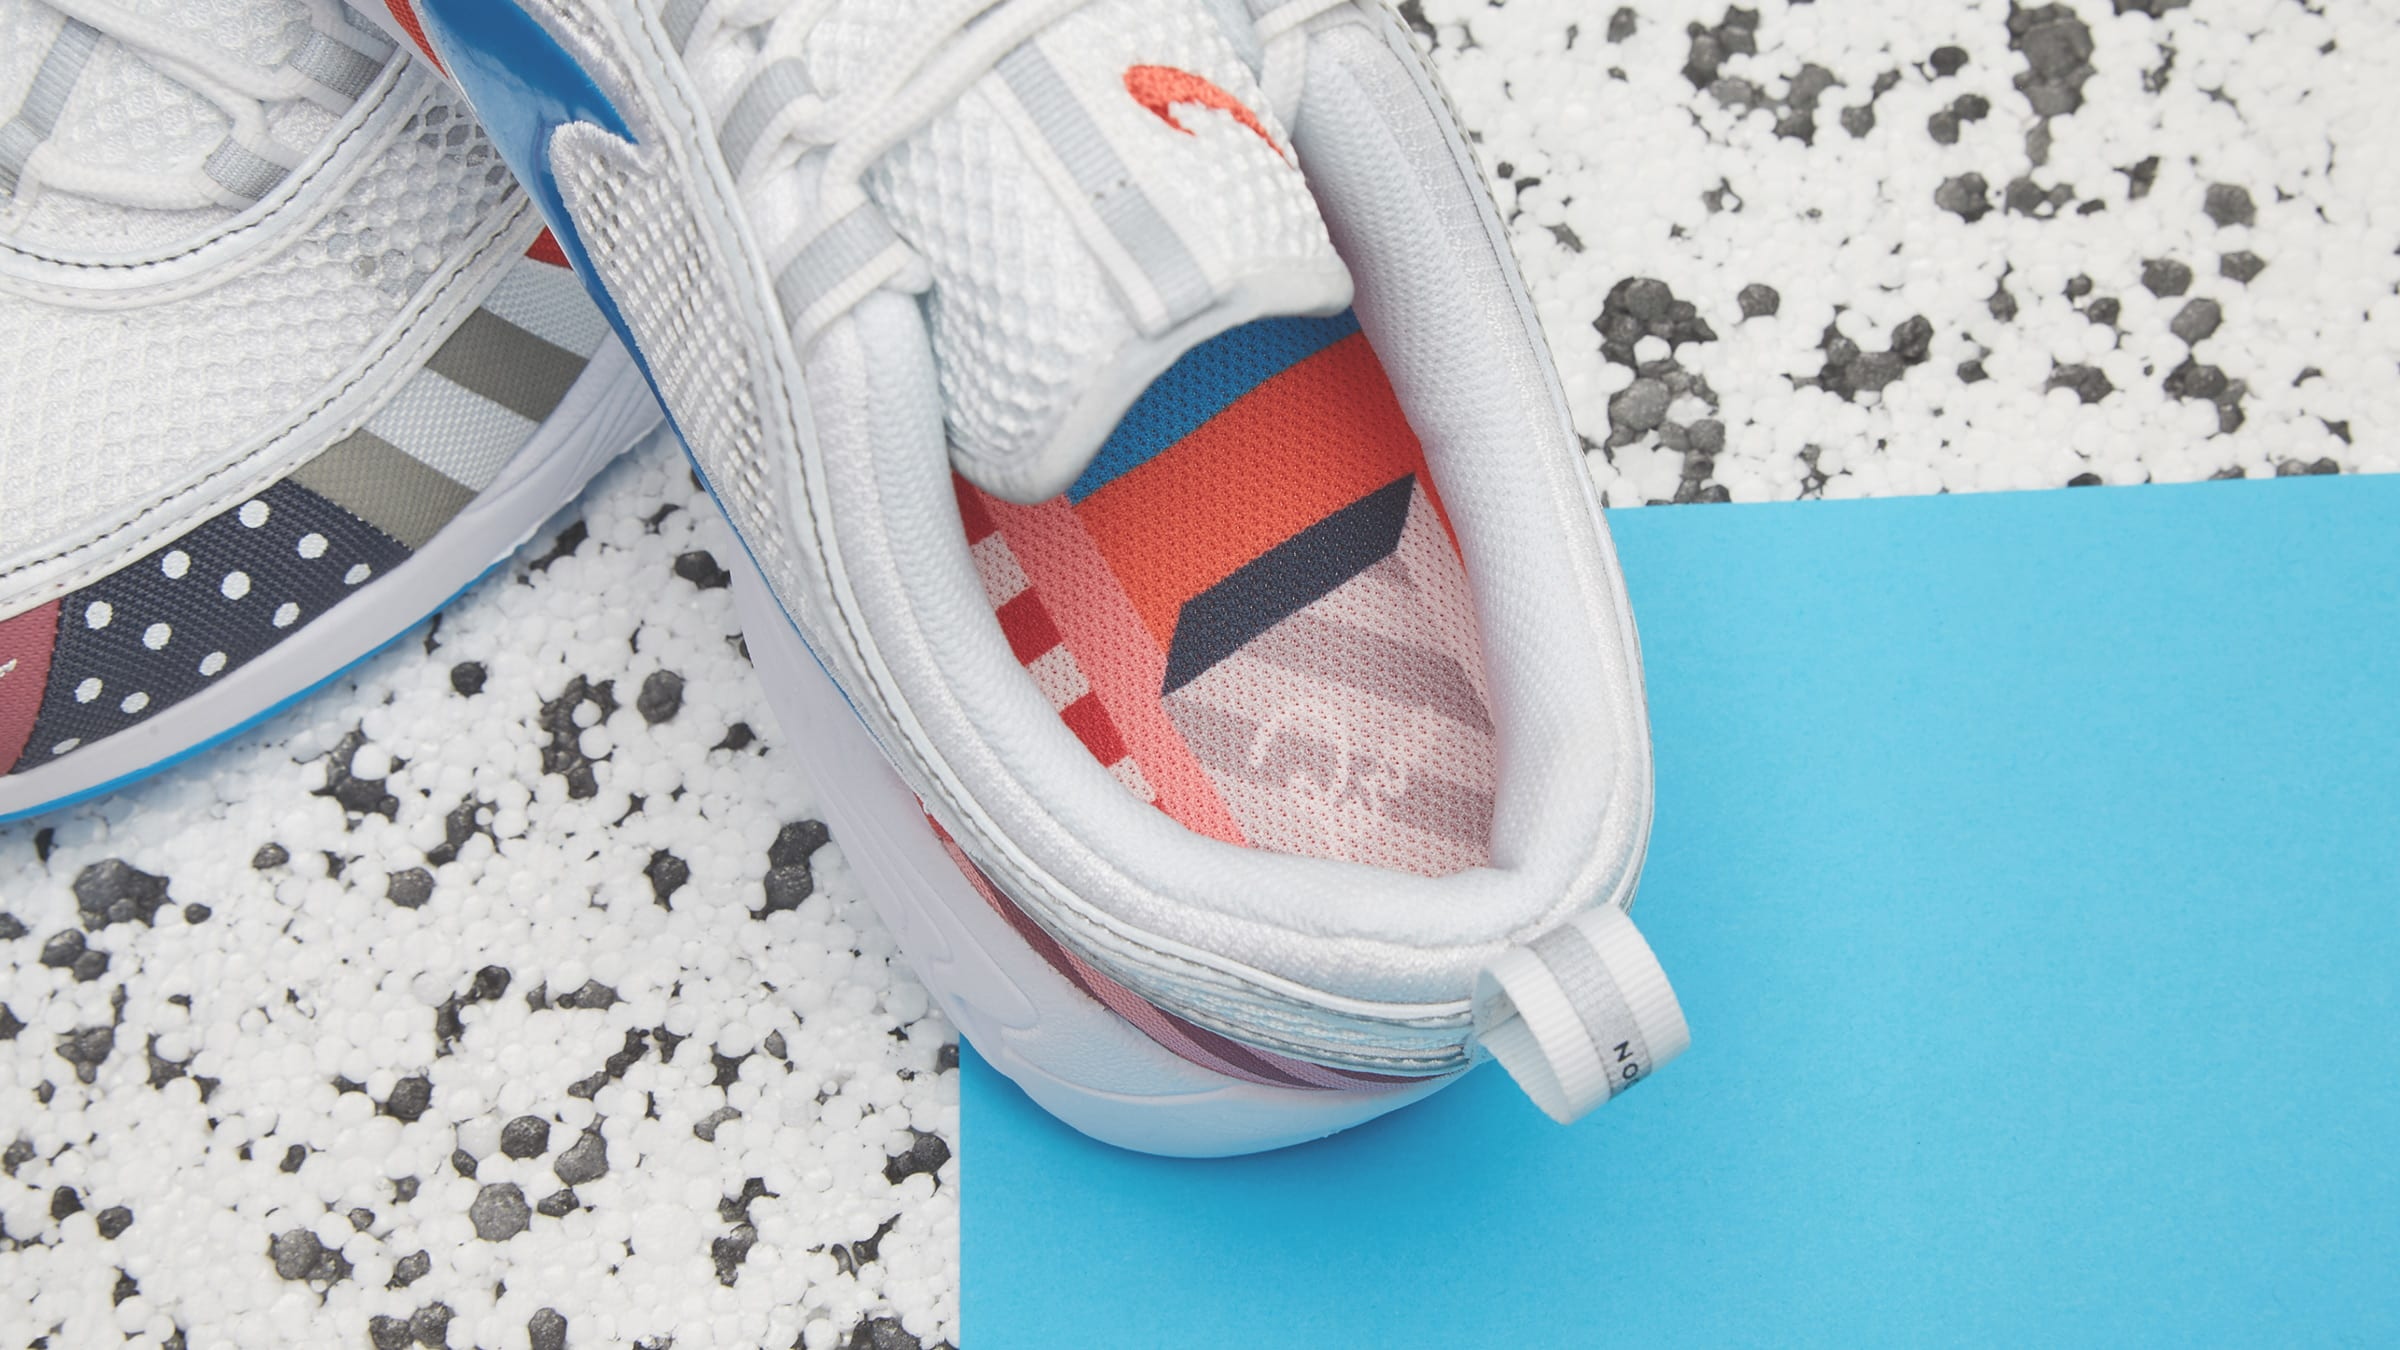 aef6d5178e57 Nike x Parra Air Zoom Spiridon (White   Multi)